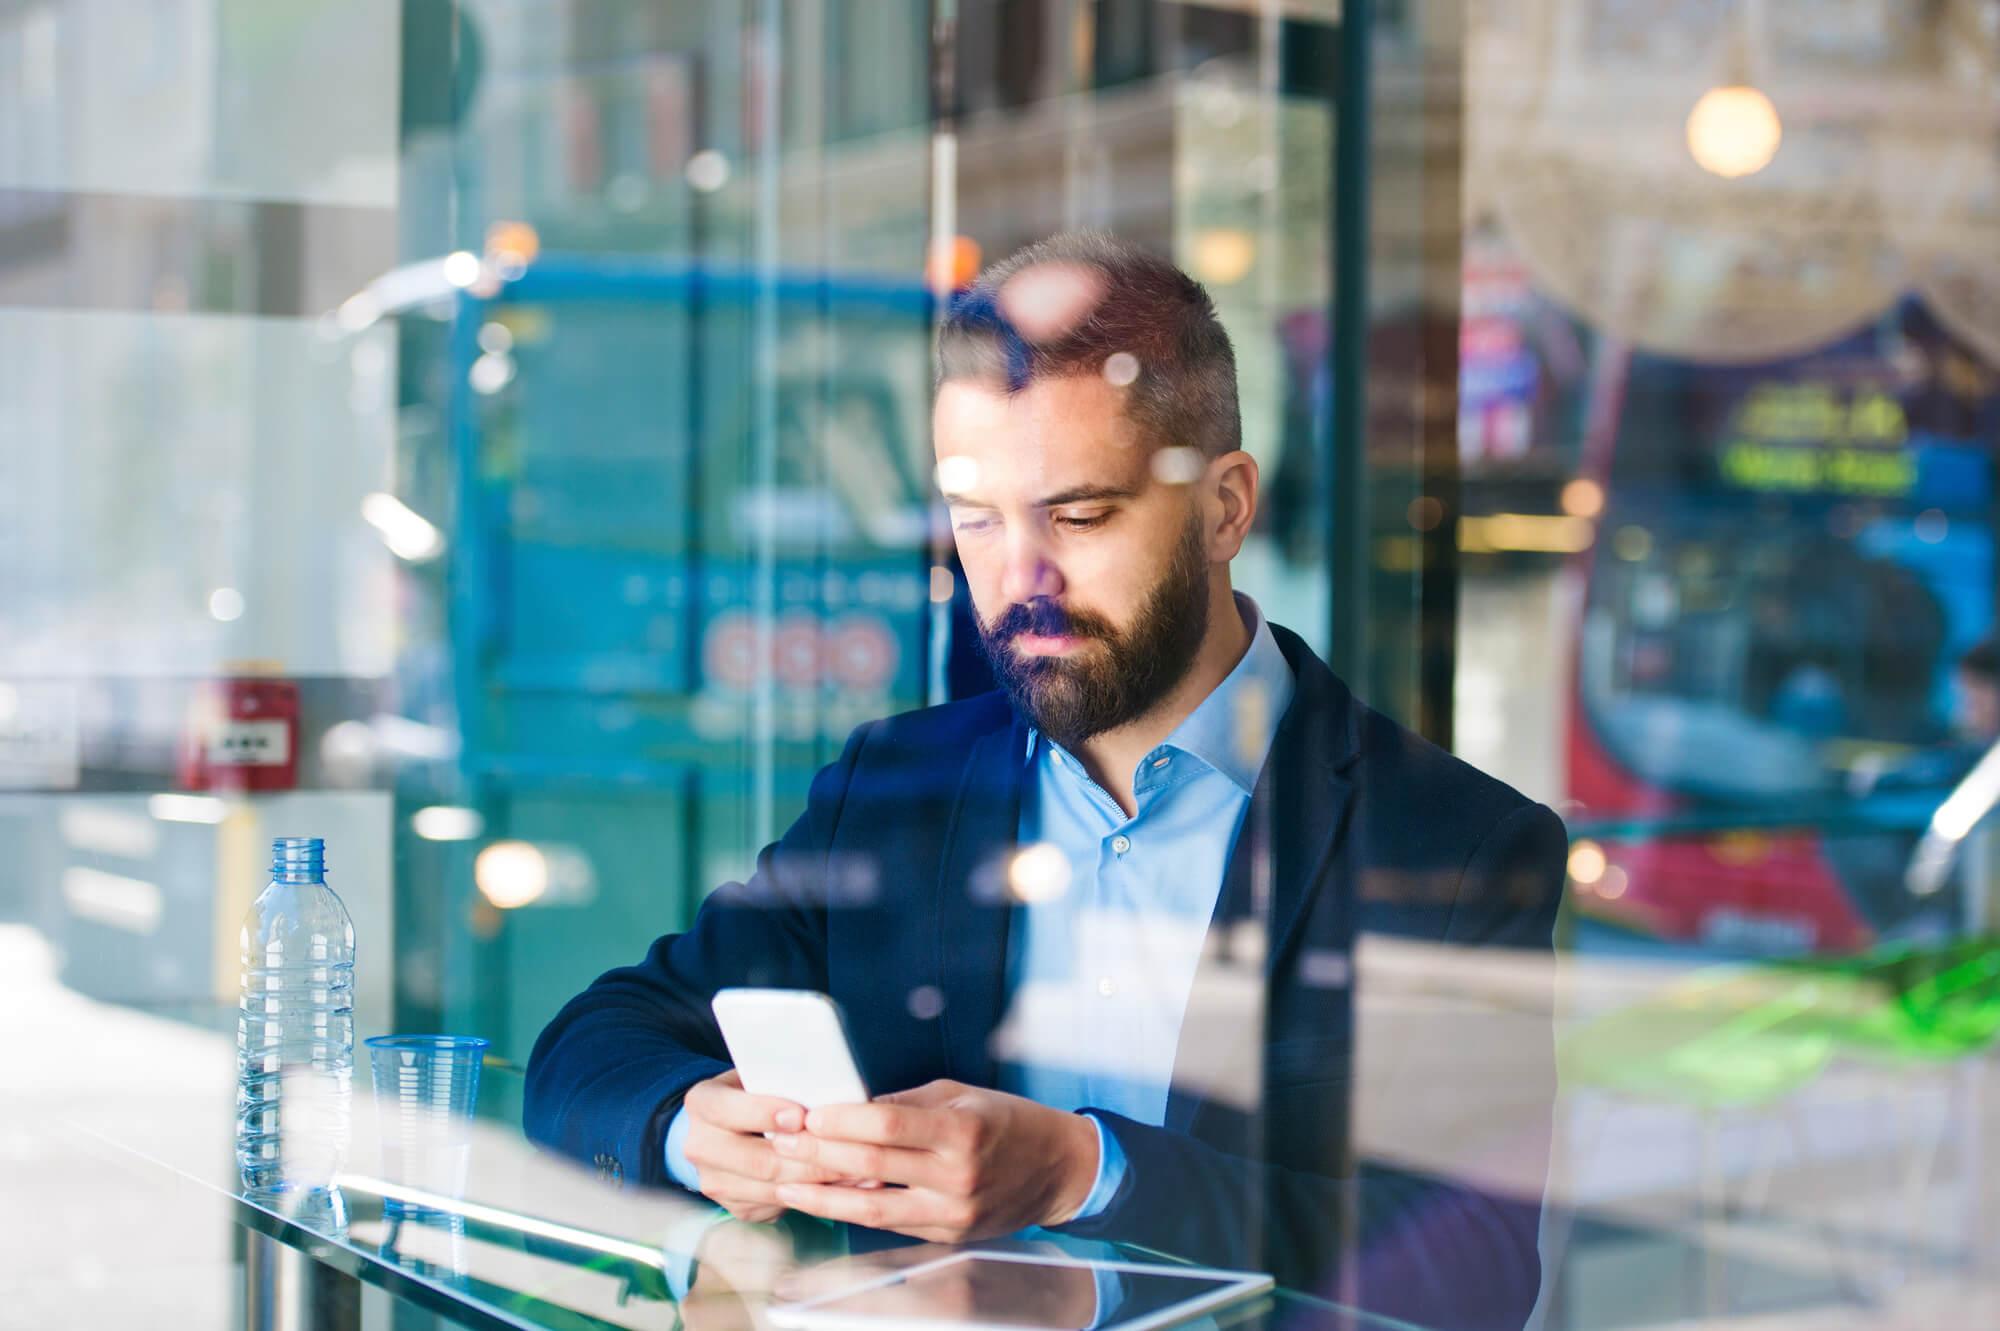 Veja como os dispositivos móveis reconfiguram o consumo de notícias